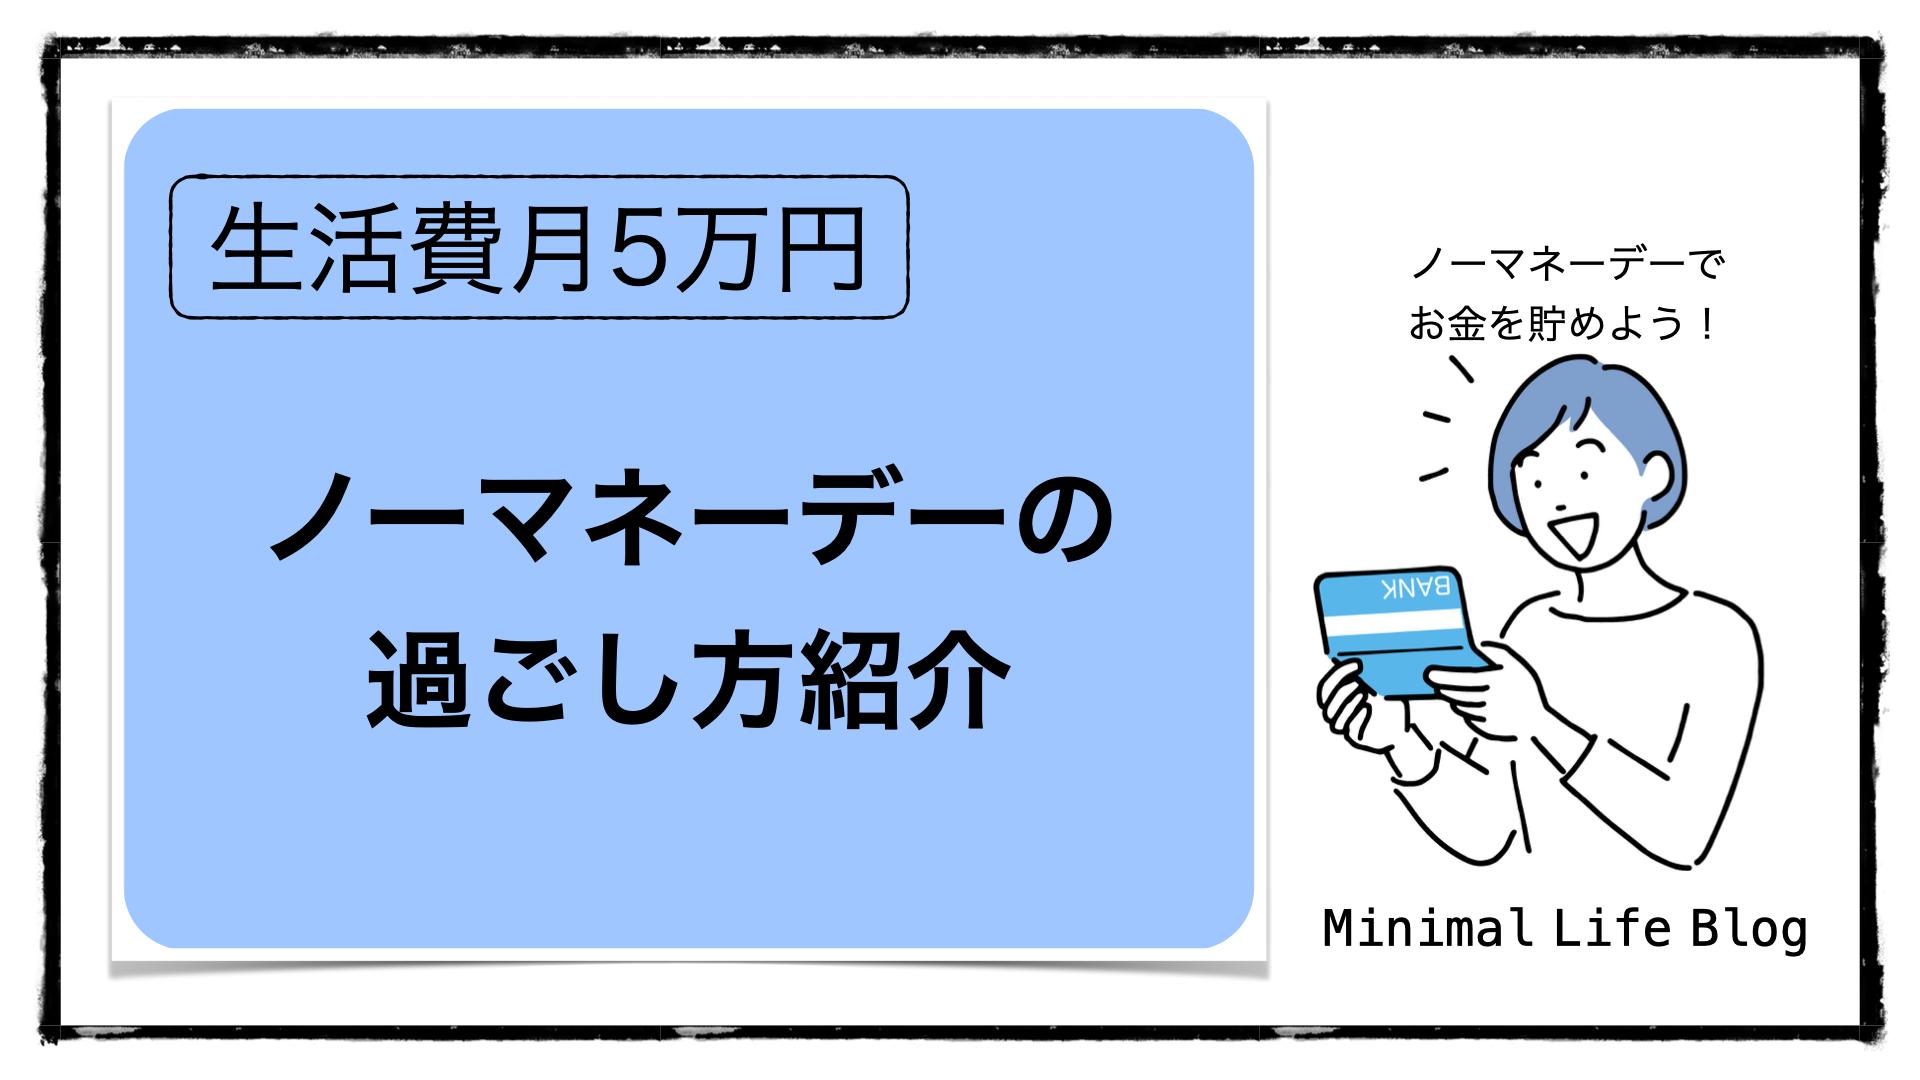 ノーマネーデーの過ごし方紹介【節約生活】